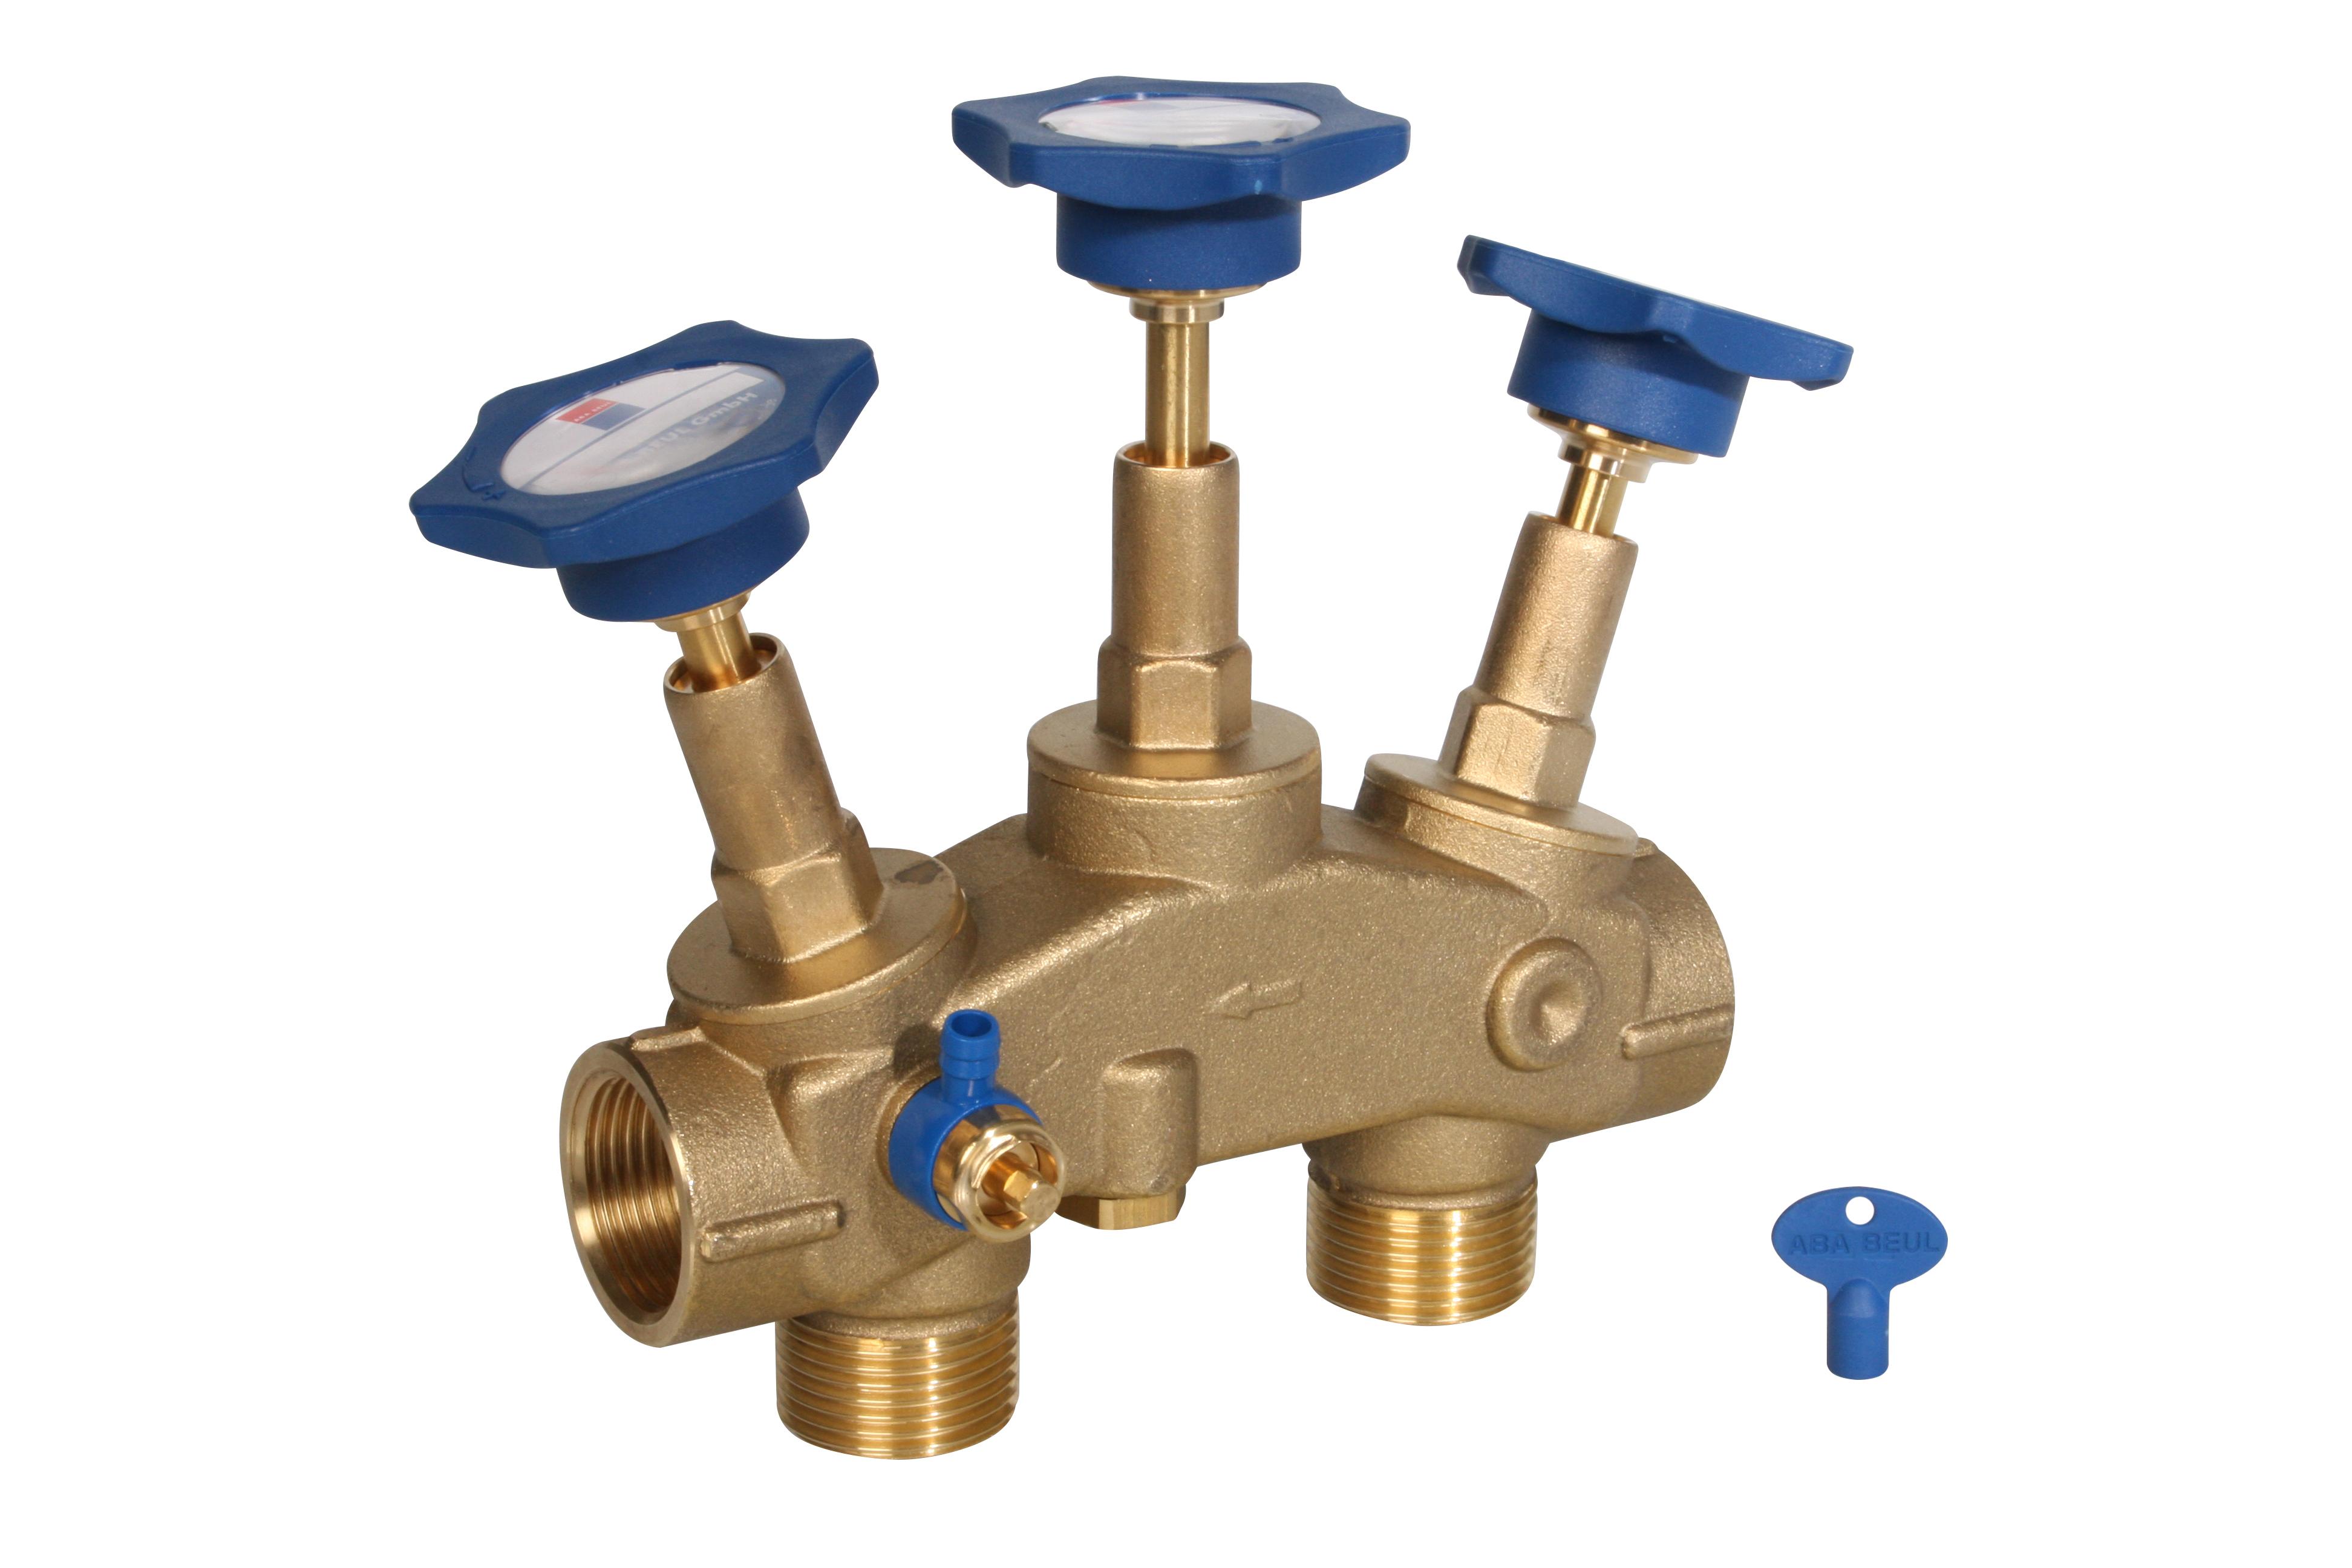 Wasserenthärtungsanlage Entkalkungsanlage Aqmos FM-80 Wasserenthärter Enthärter